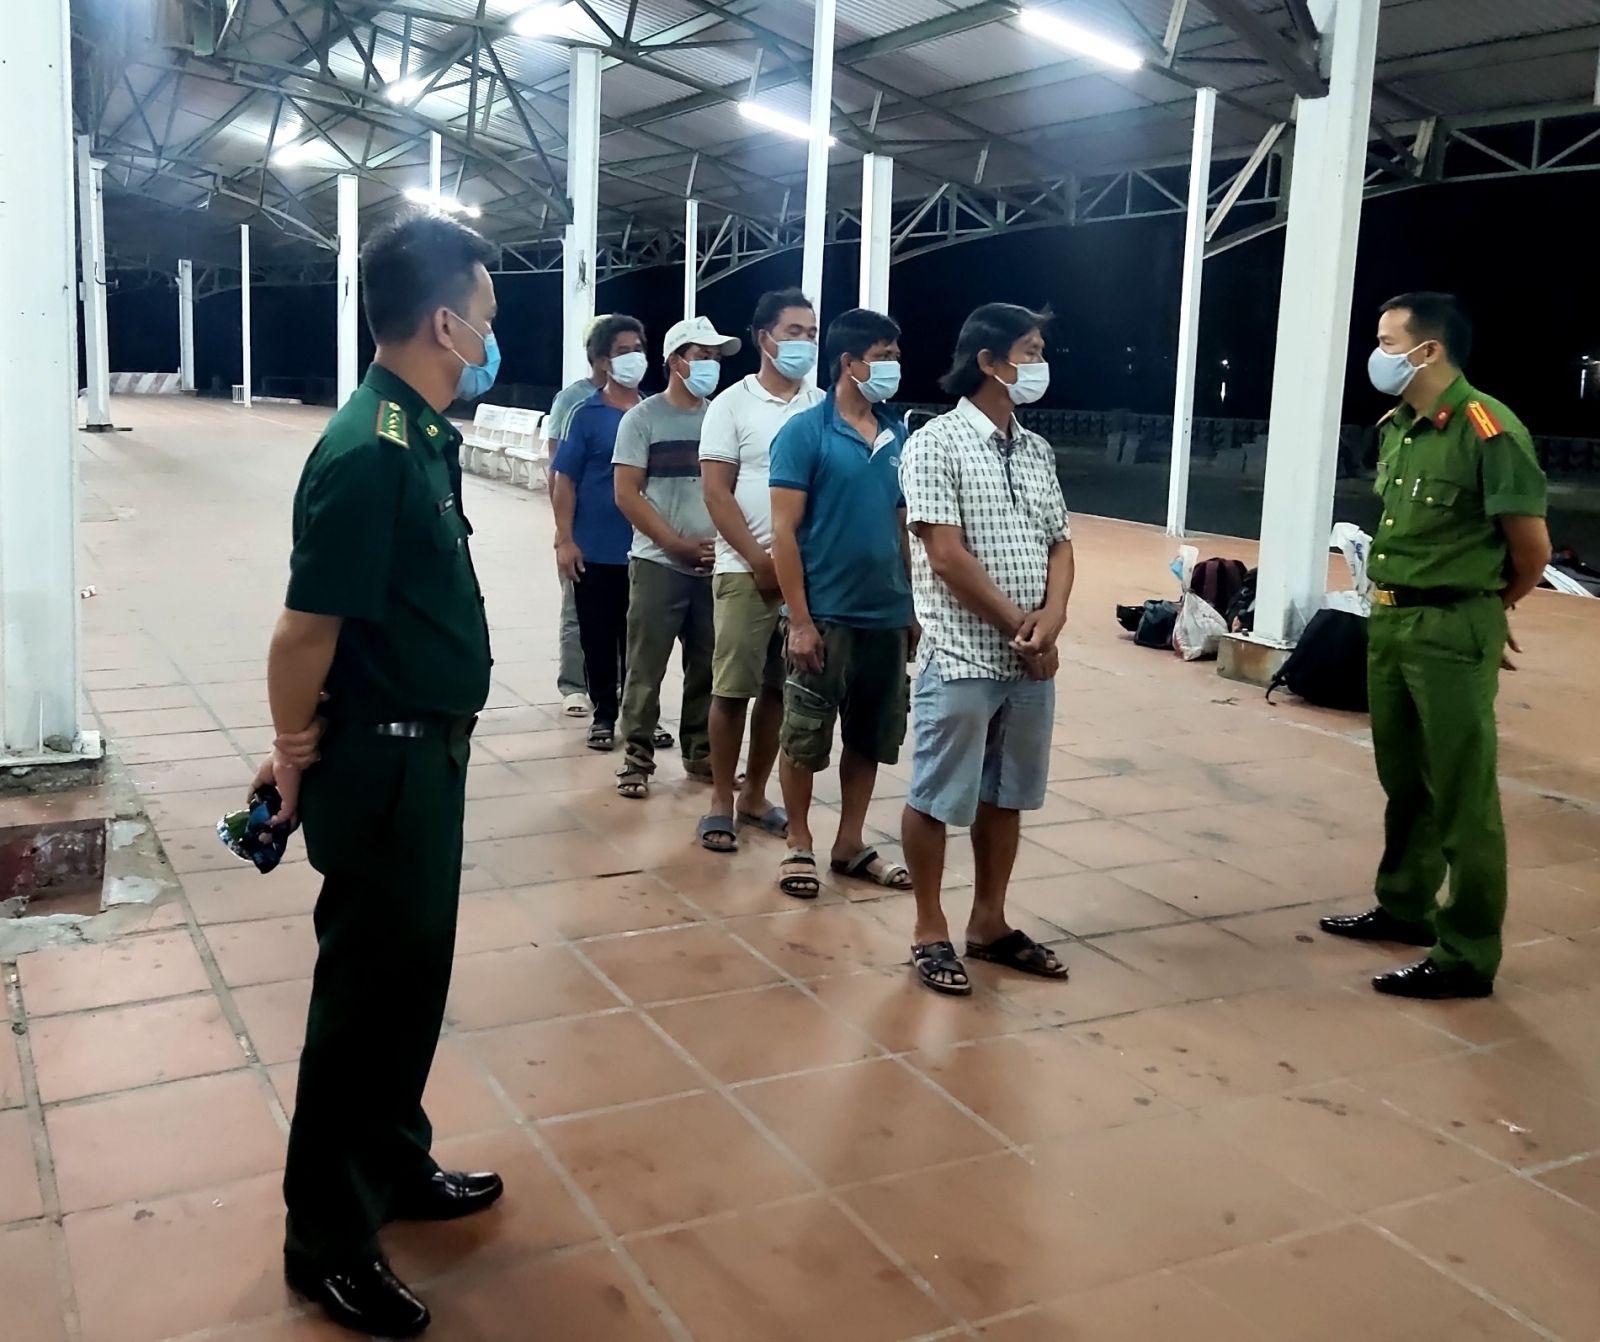 Trốn dịch COVID-19, 6 thanh niên đi bộ theo đường biển từ Đà Nẵng ra Huế - 1